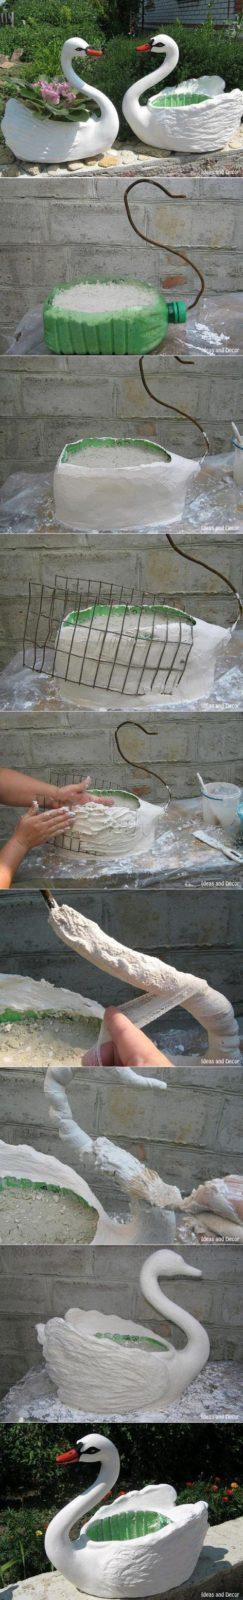 Домашний Мастер: самоделки своими руками, поделки, handmade